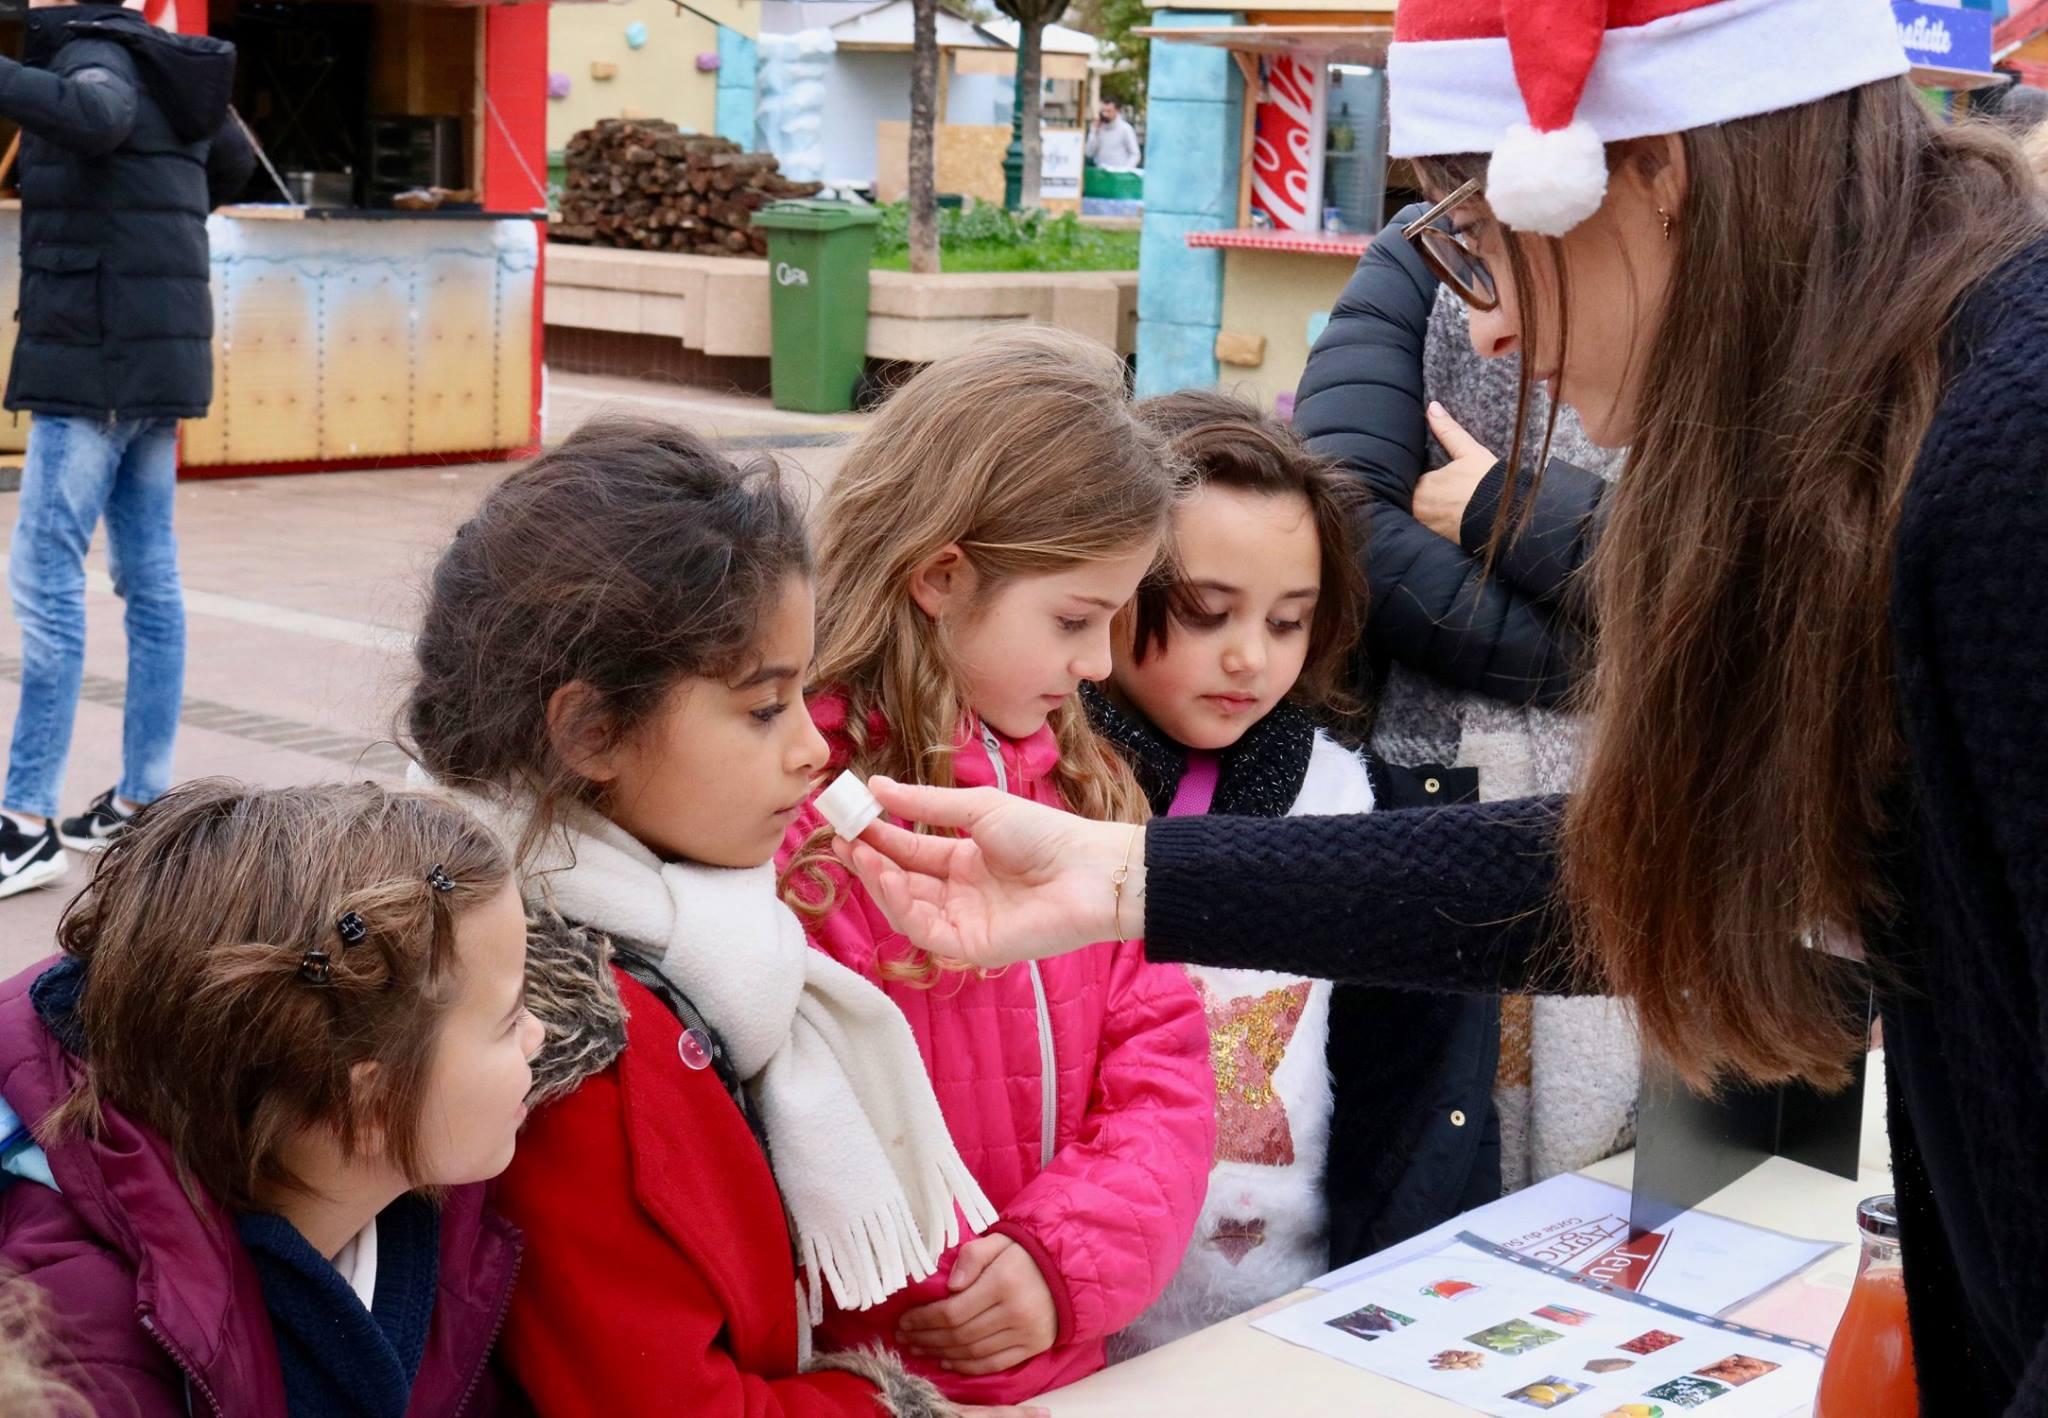 Ateliers sensoriels et ludiques au Marcatu di Natali